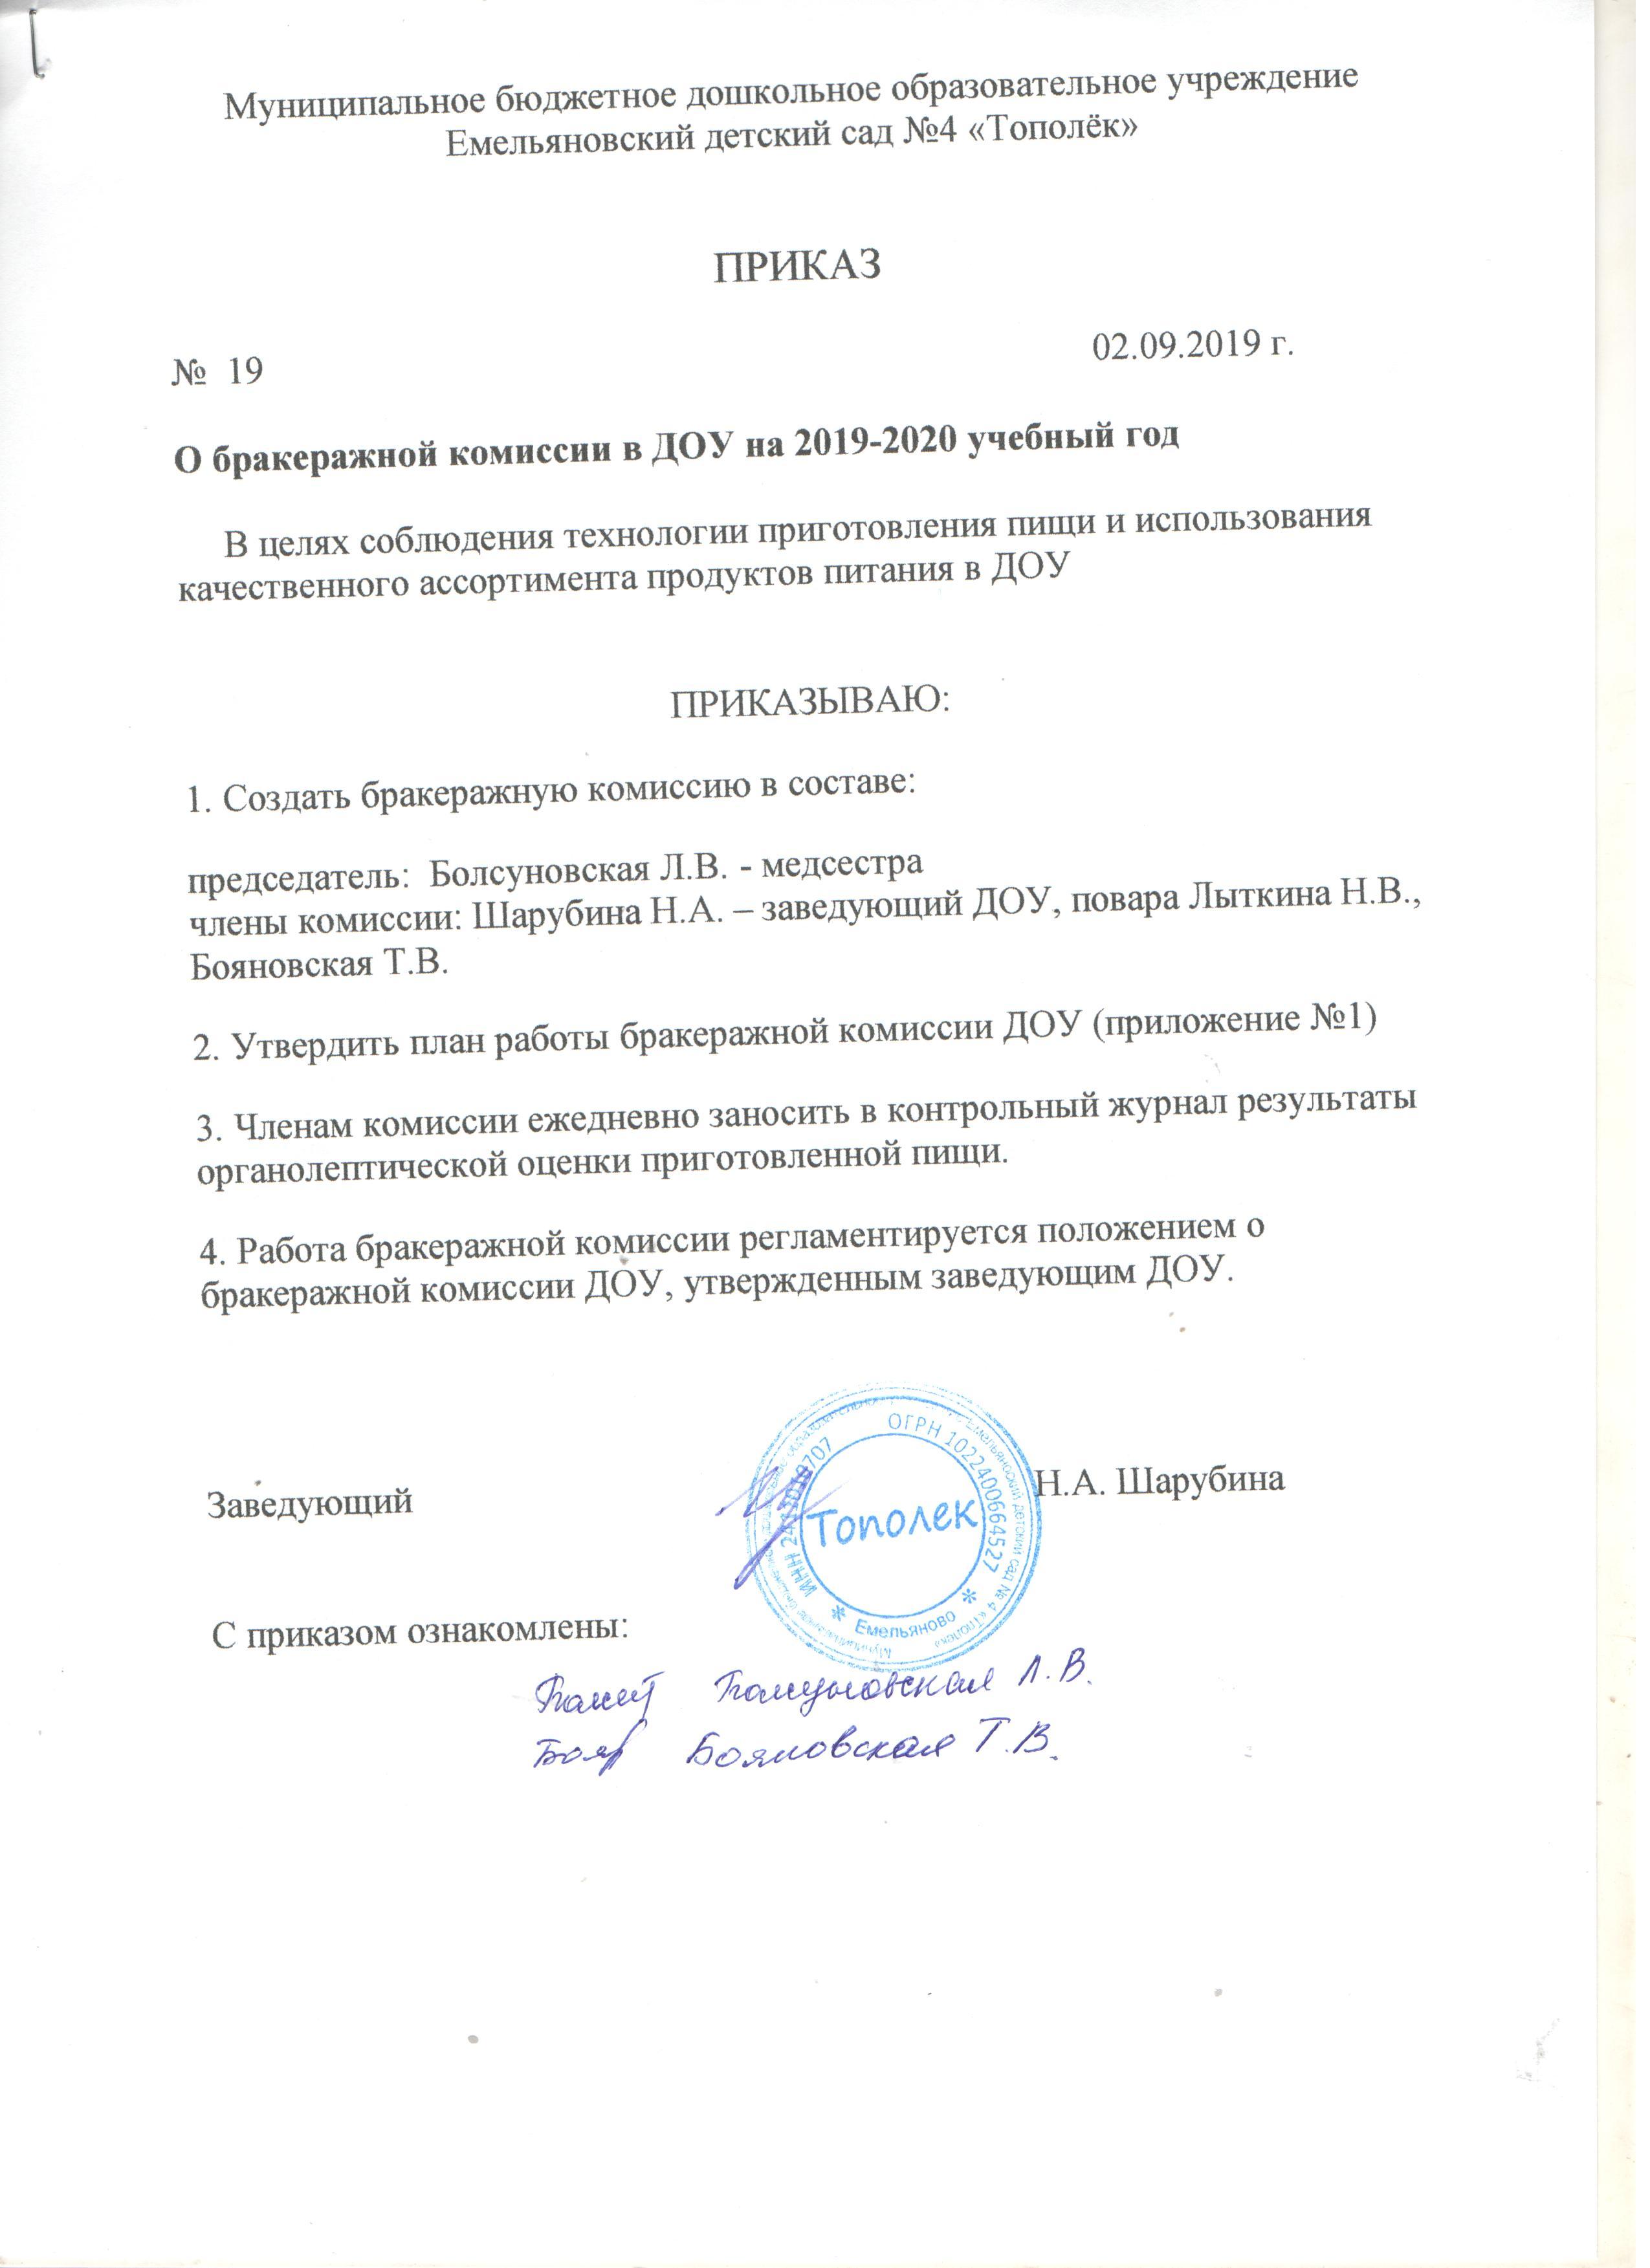 Приказ № 19 от 02.09.2019 г. о бракеражной комиссии